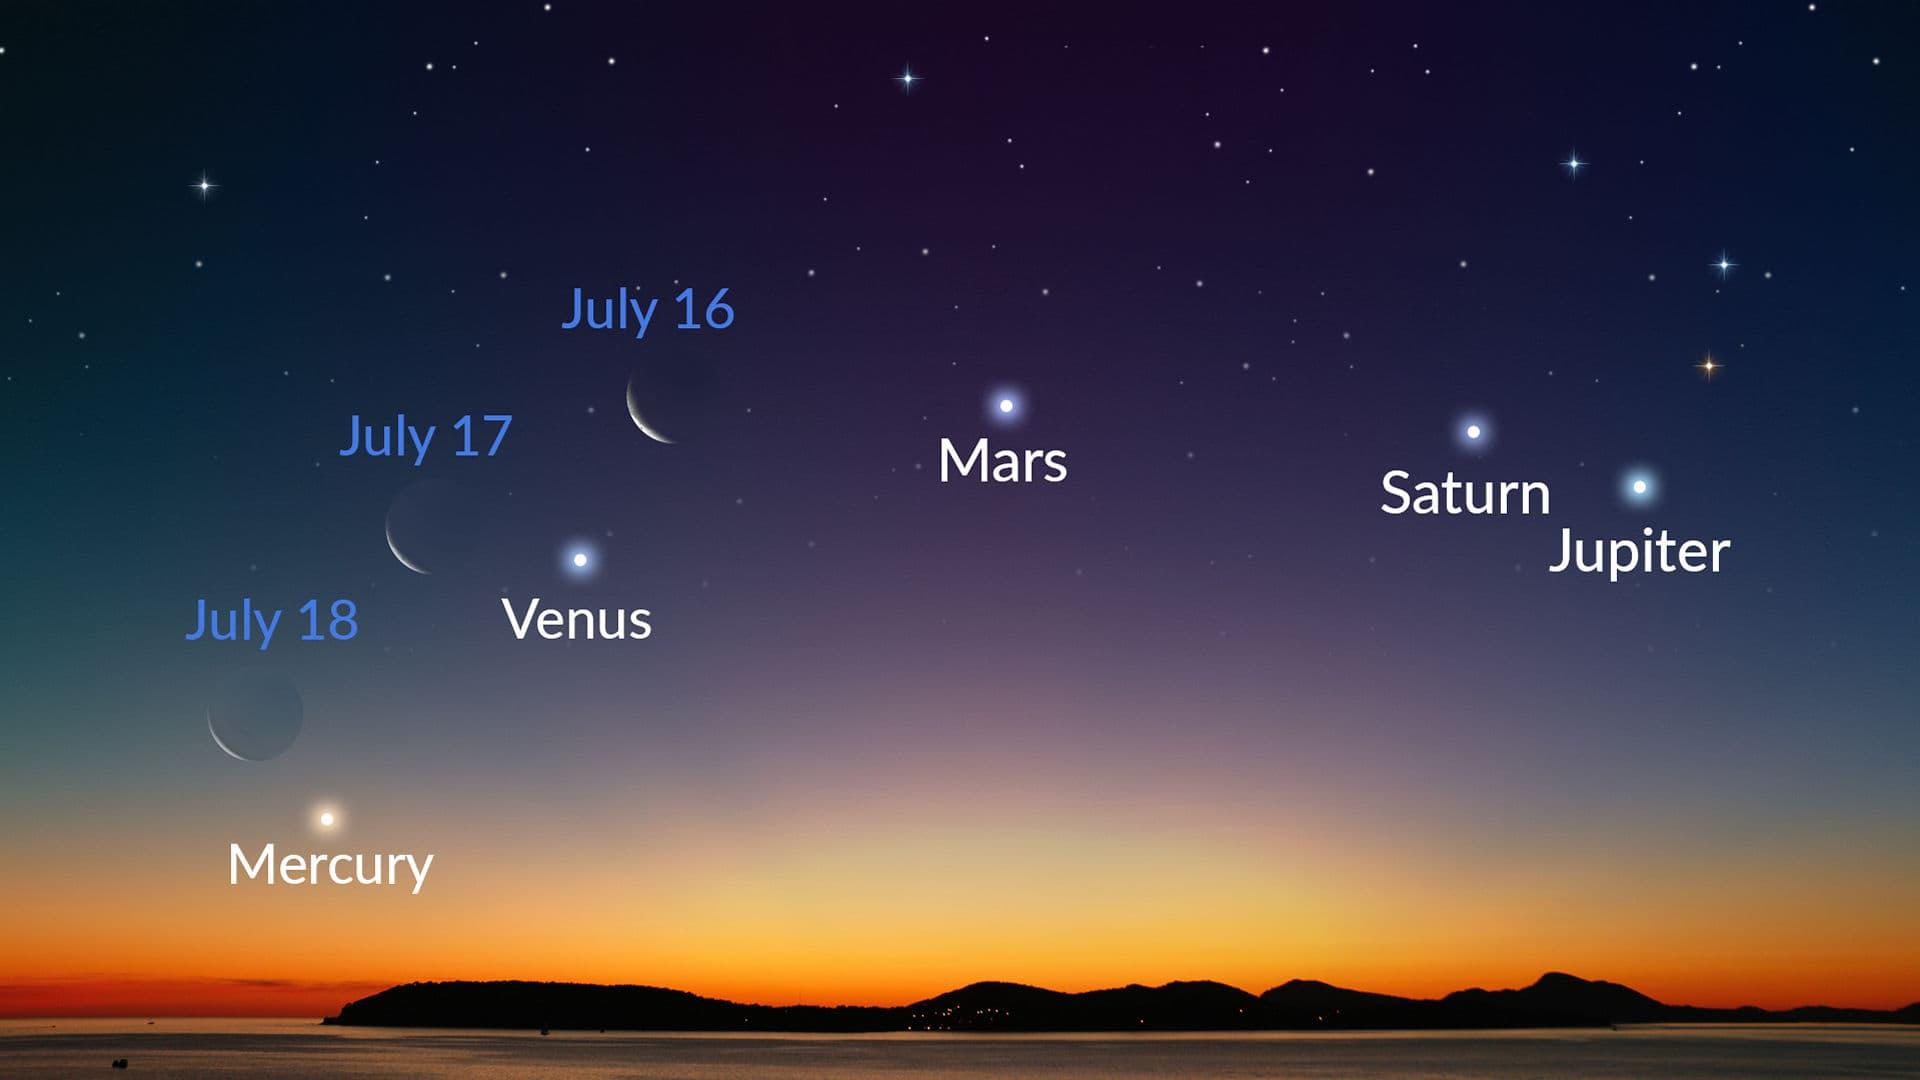 7 월의 가장 밝은 행성 : 보는 방법과 기대하는 것